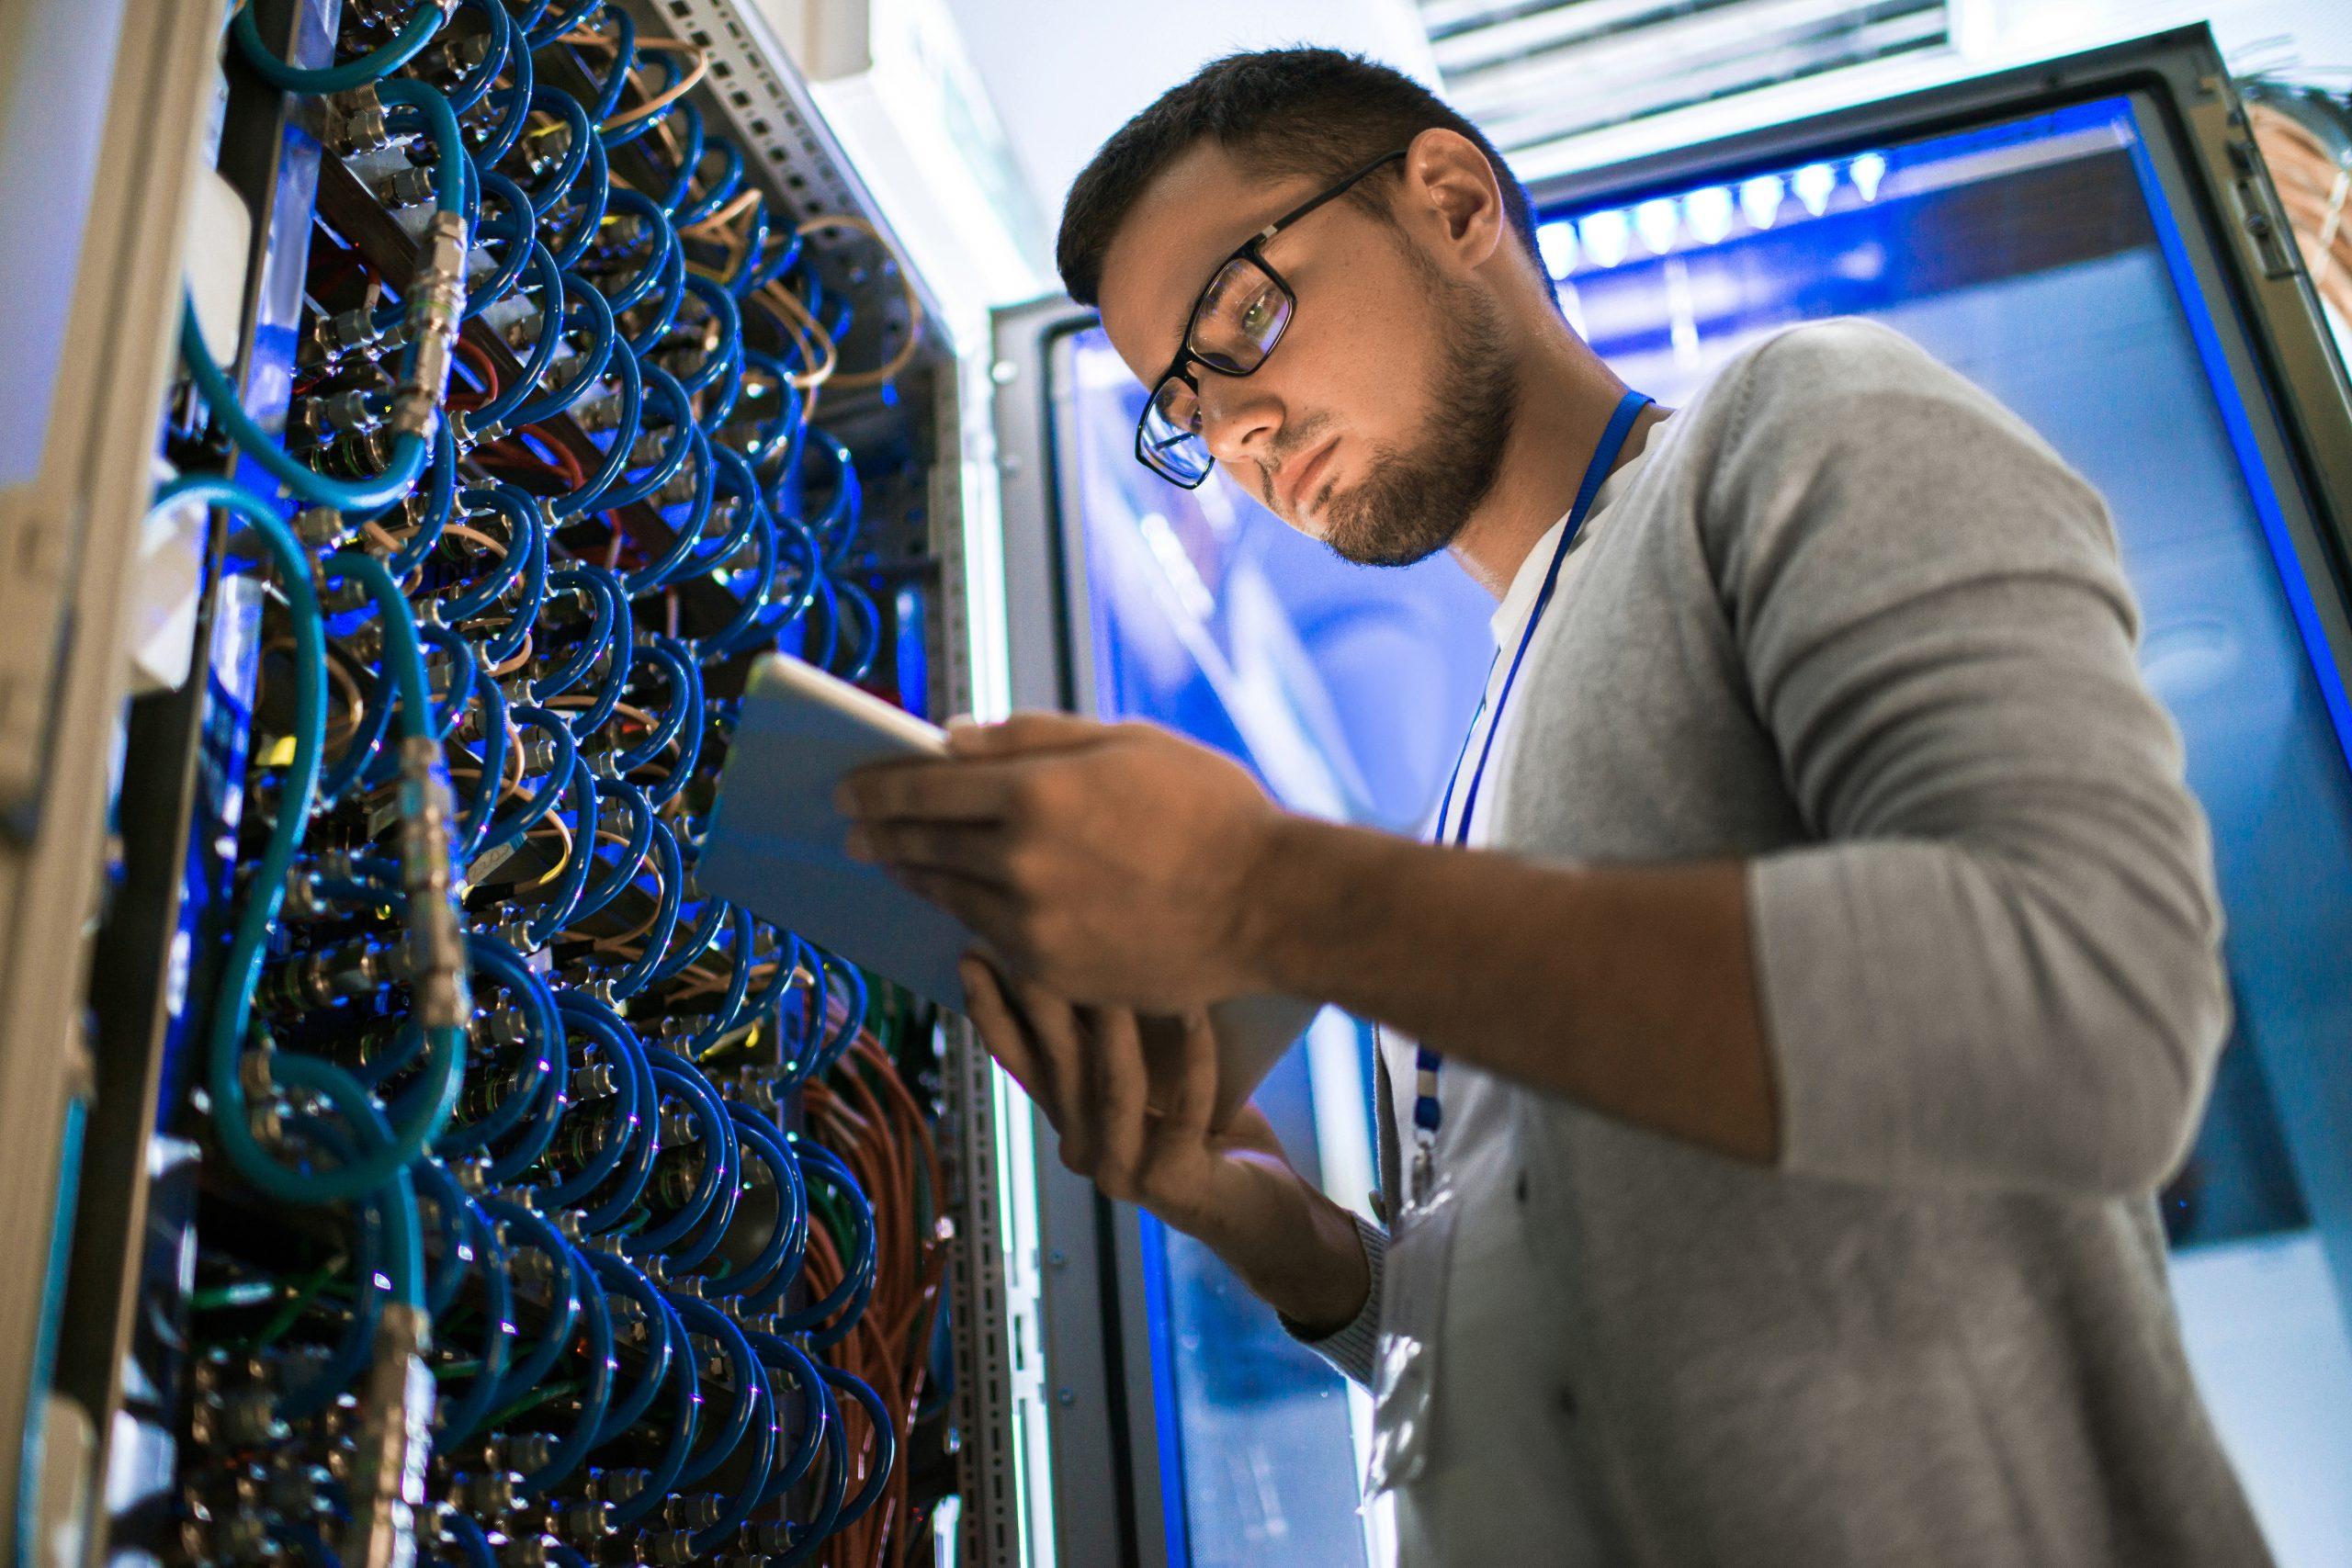 Junger Mann arbeitet im Serverraum